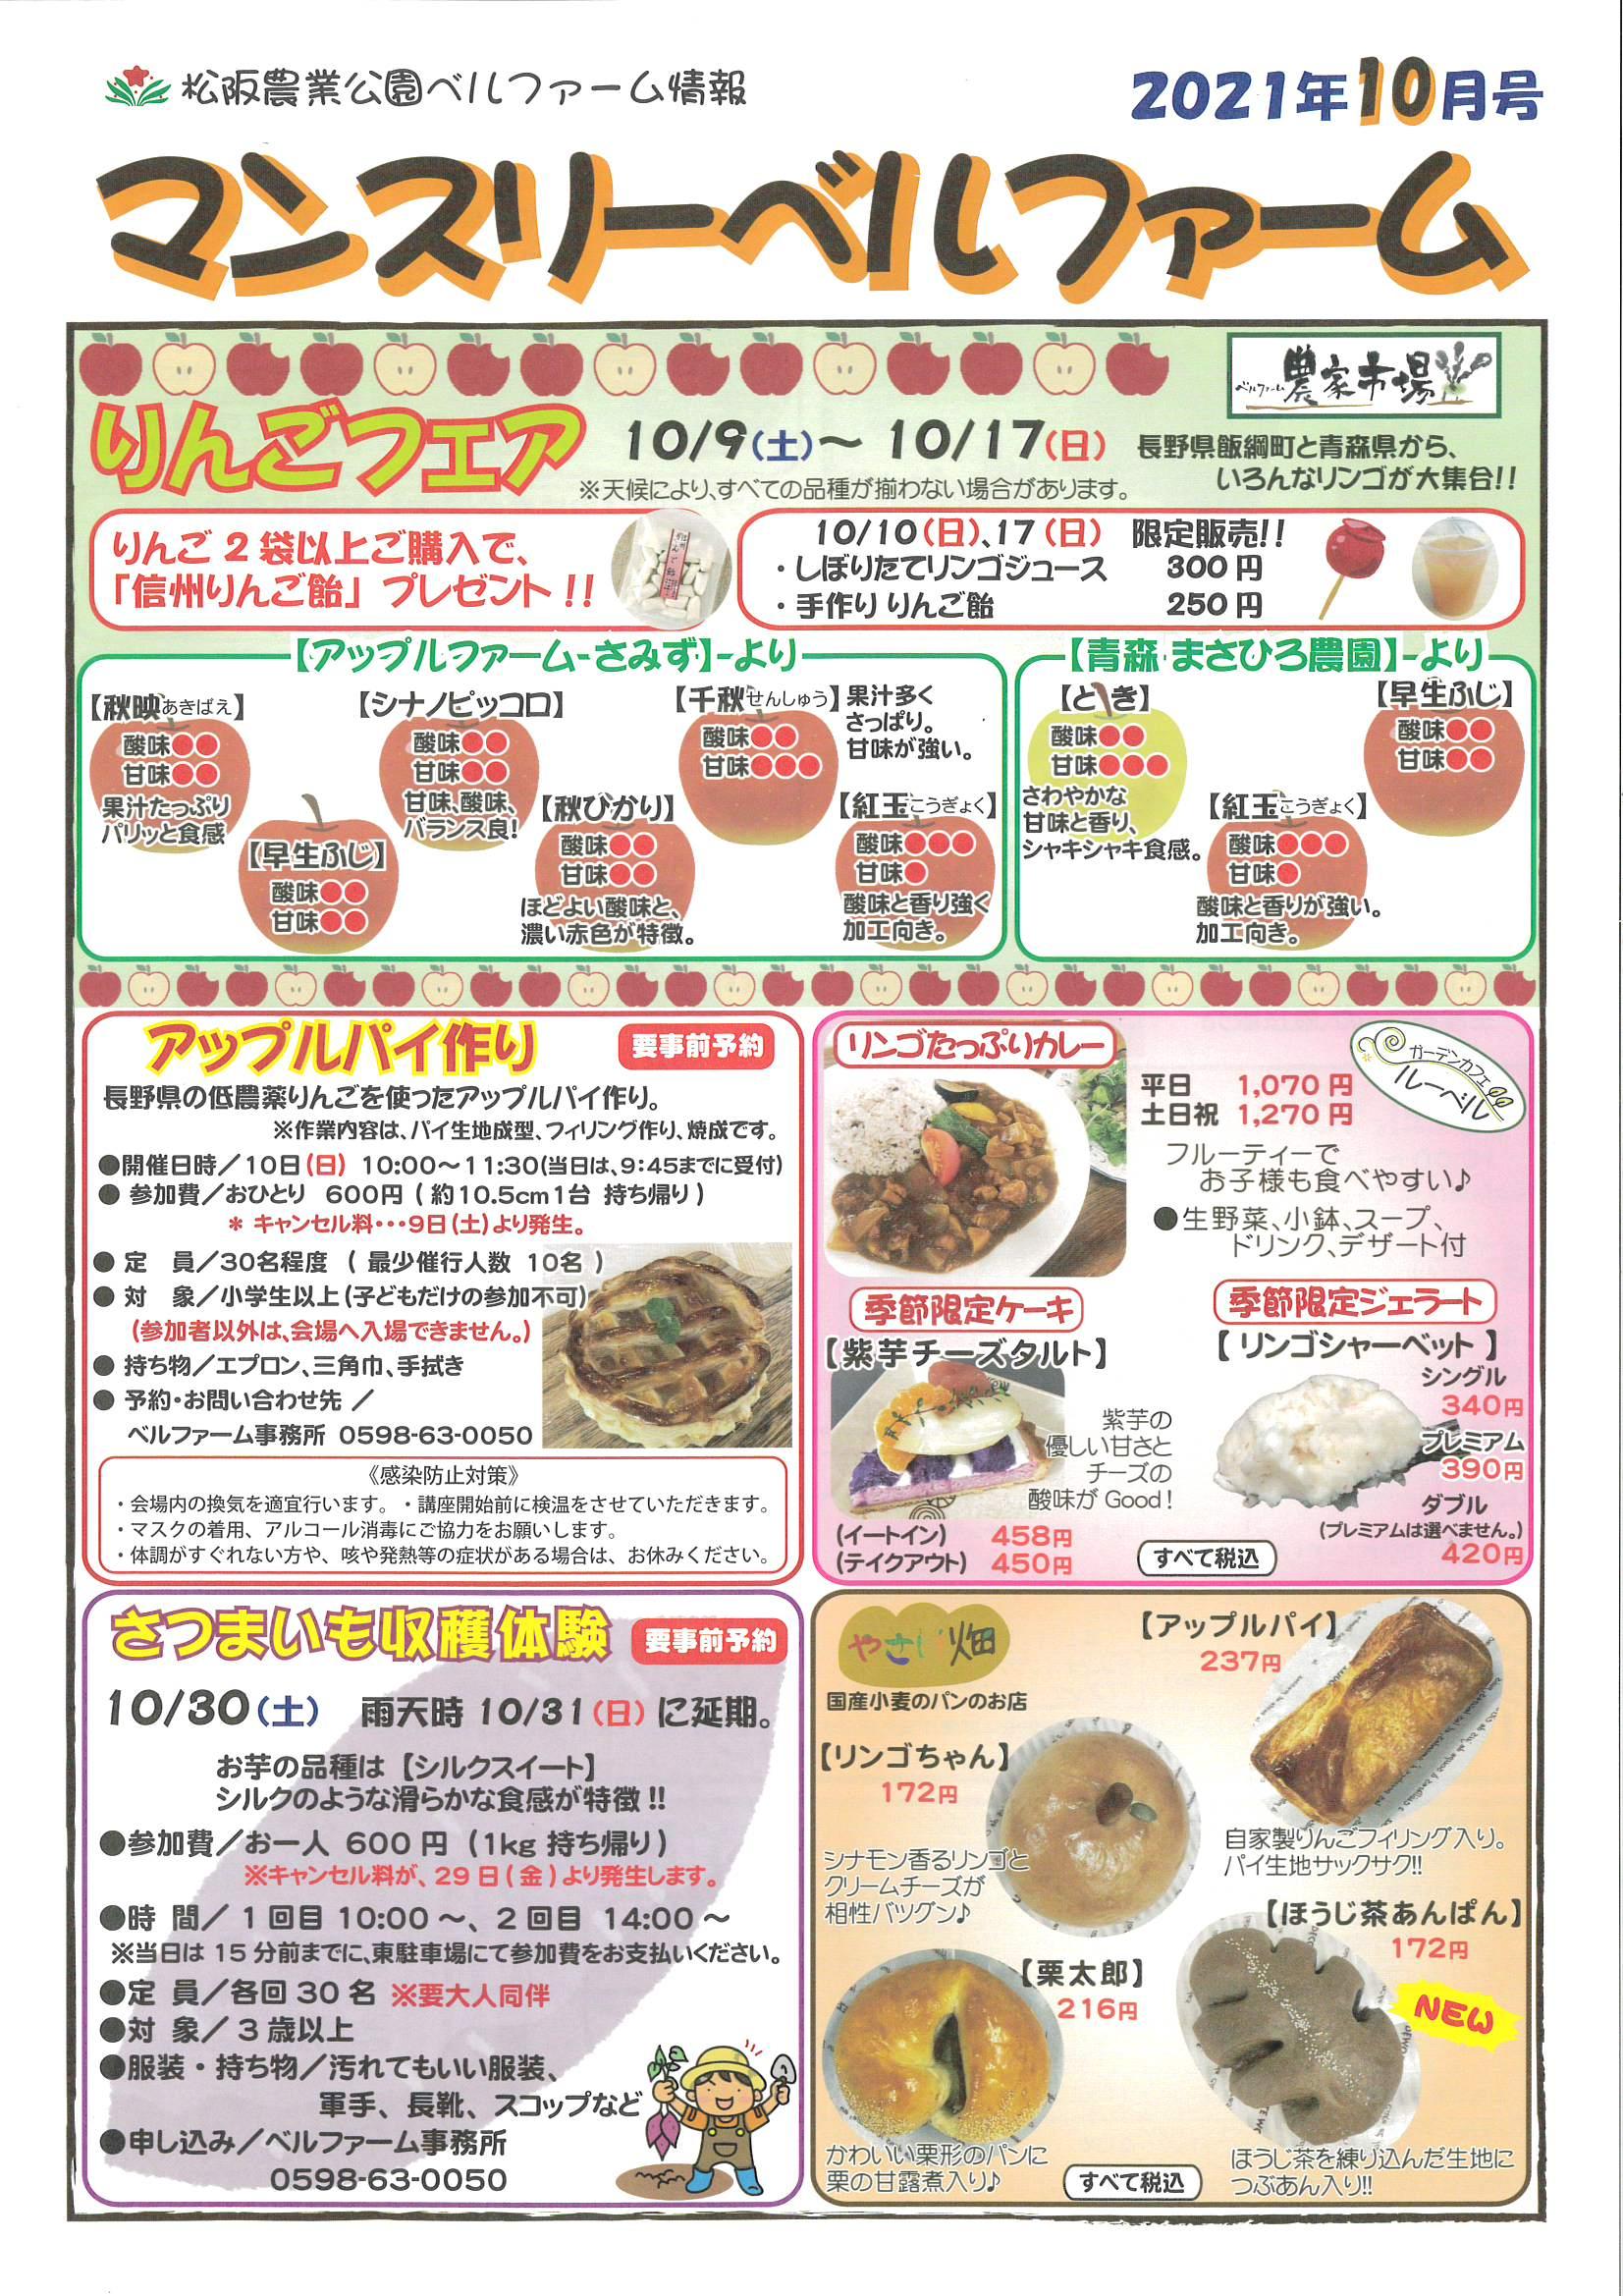 松阪農業公園ベルファーム情報 マンスリーベルファーム2021年10月号